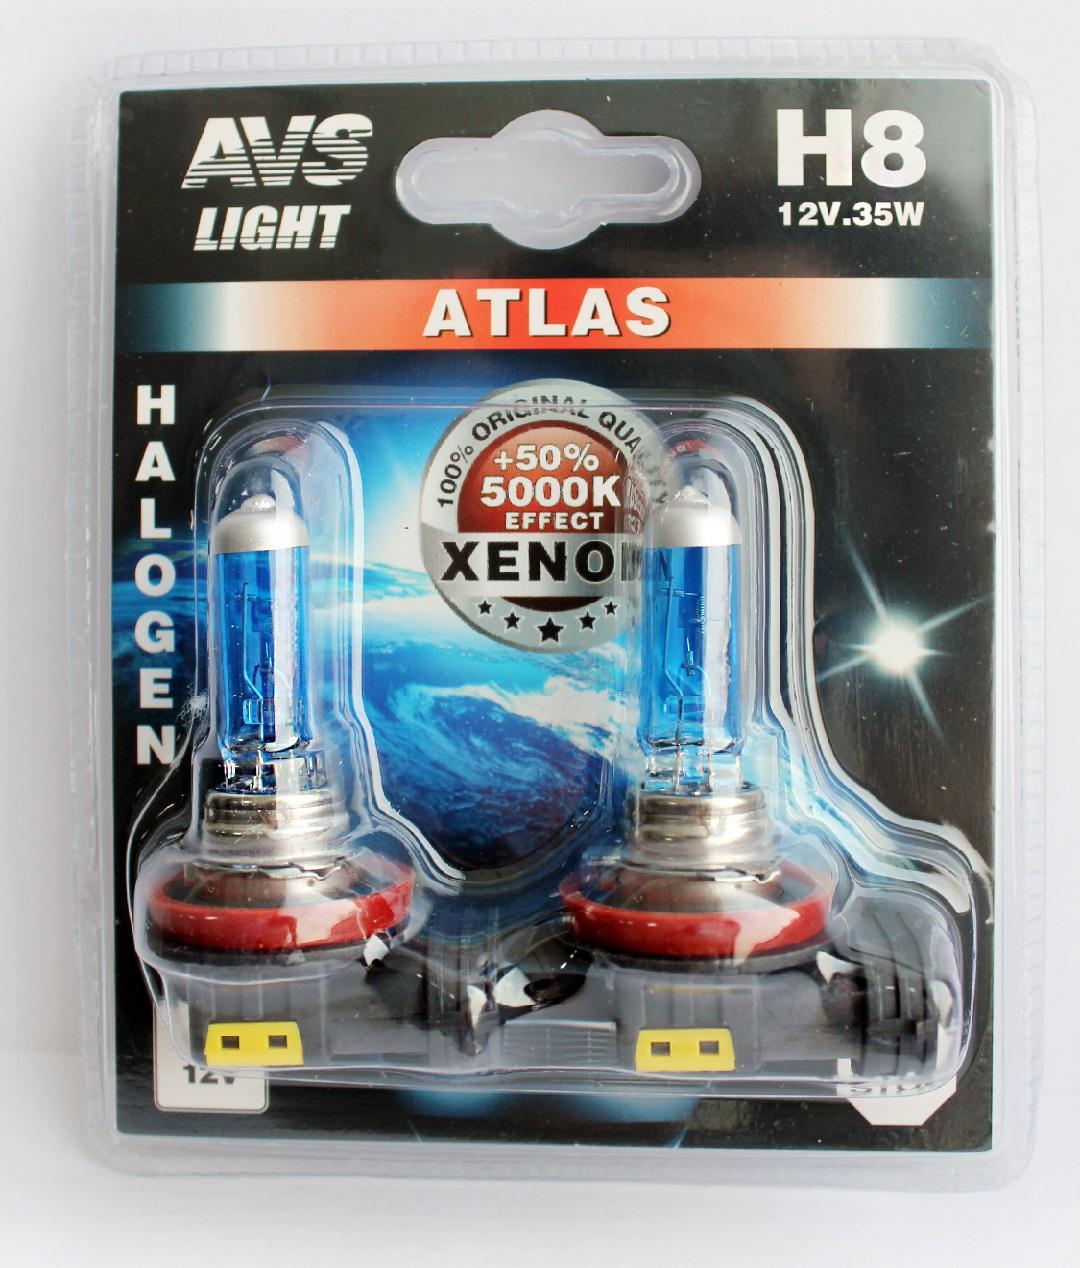 купить Лампа автомобильная Avs Atlas h8 12v 35w недорого